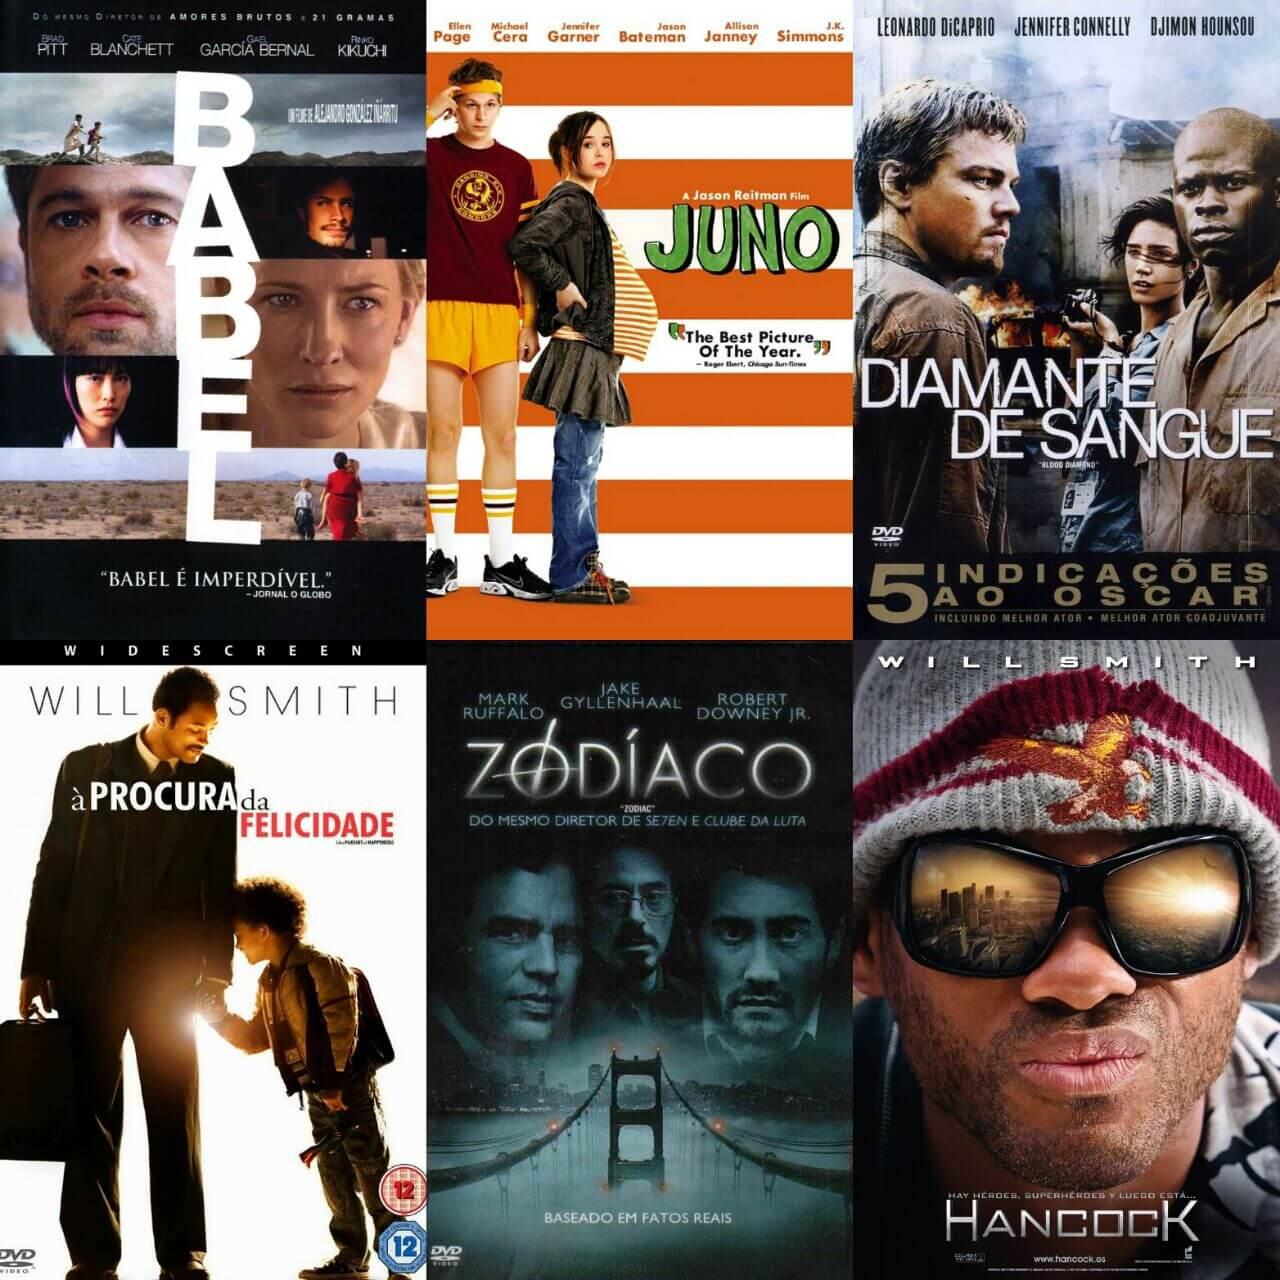 Black List: uma lista de roteiros que vem alterando padrões em Hollywood